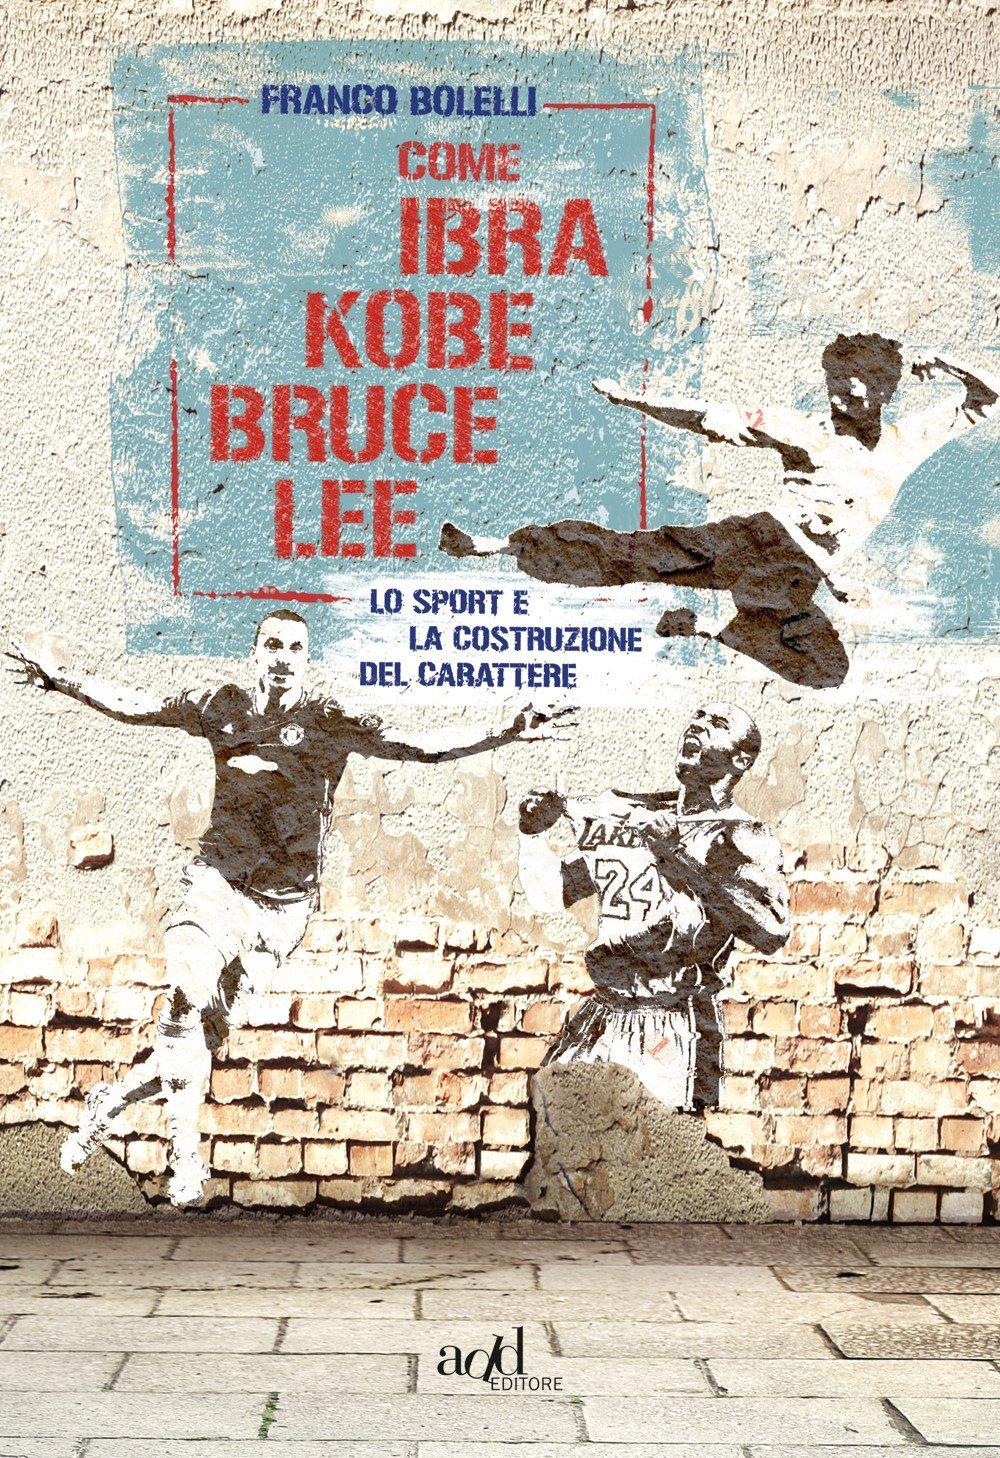 Come Ibra, Kobe, Bruce Lee. Lo sport e la costruzione del carattere Copertina flessibile – 4 apr 2018 Franco Bolelli ADD Editore 8867831895 Saggistica